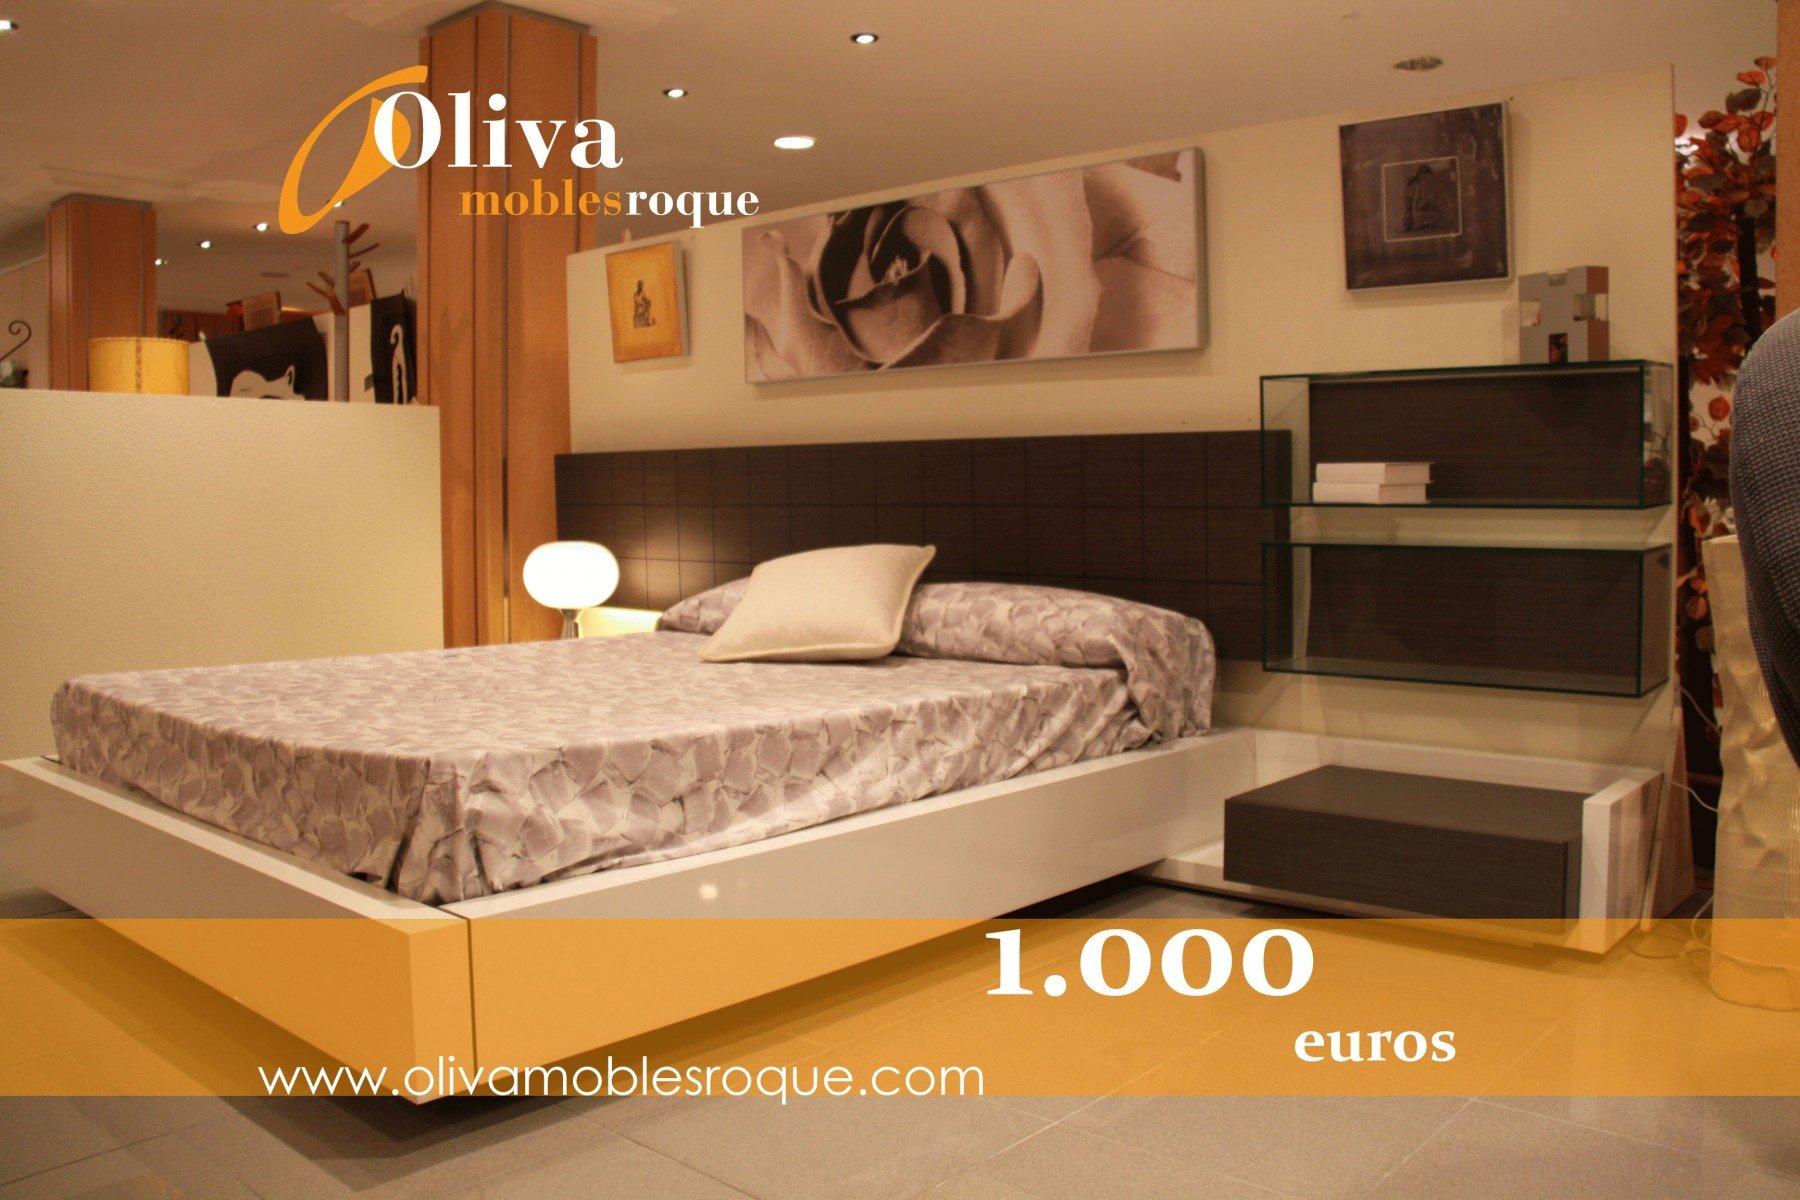 Comprar dormitorio de gismobel a precio de outlet for Dormitorios precios